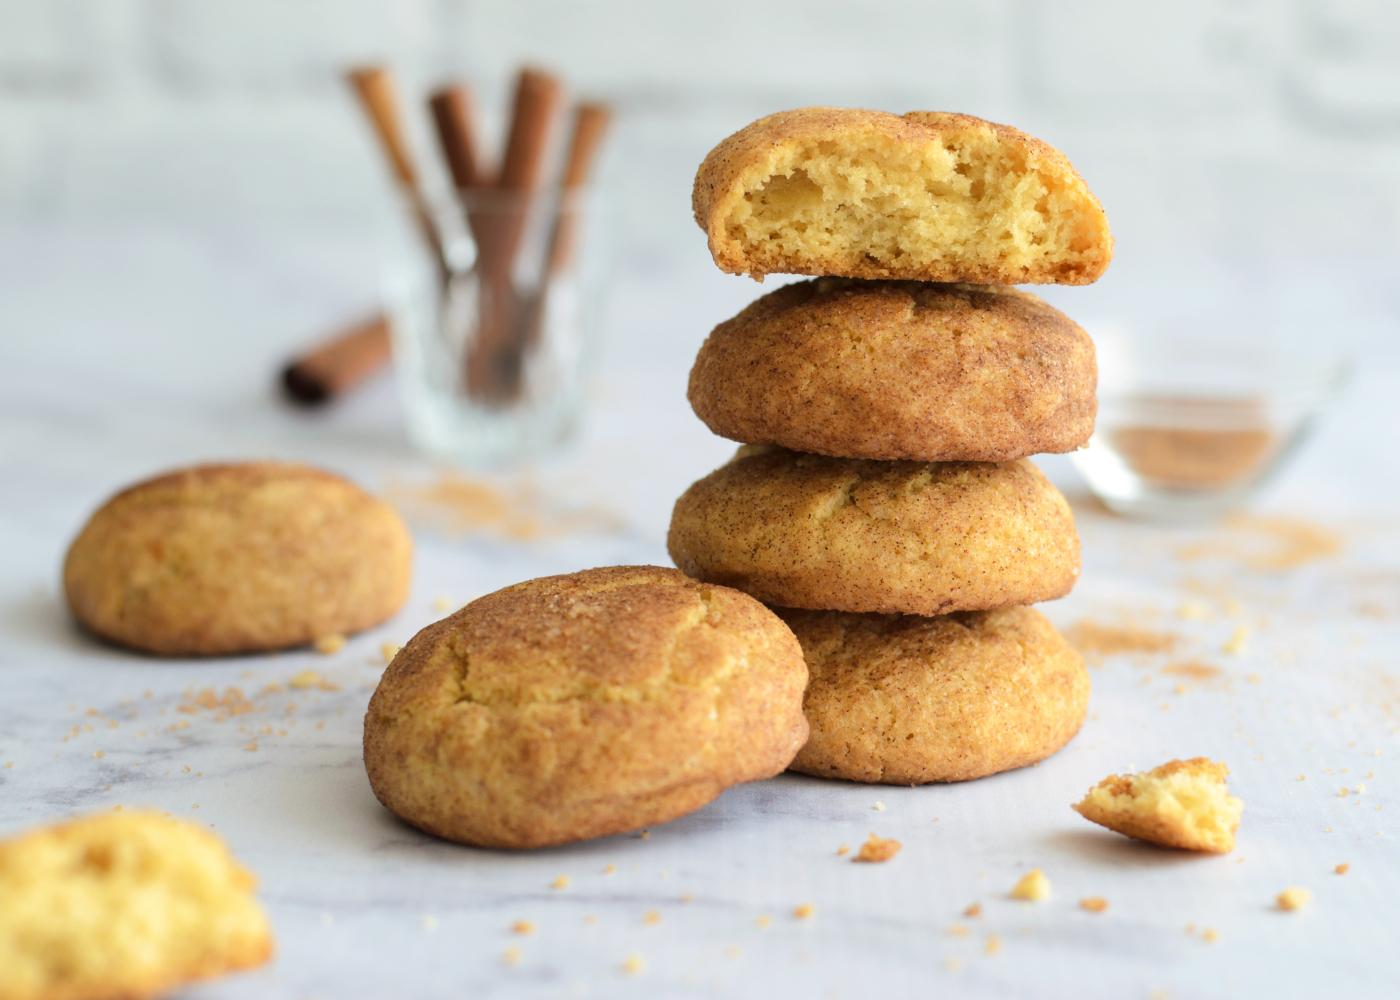 biscoitos de canela em fundo claro